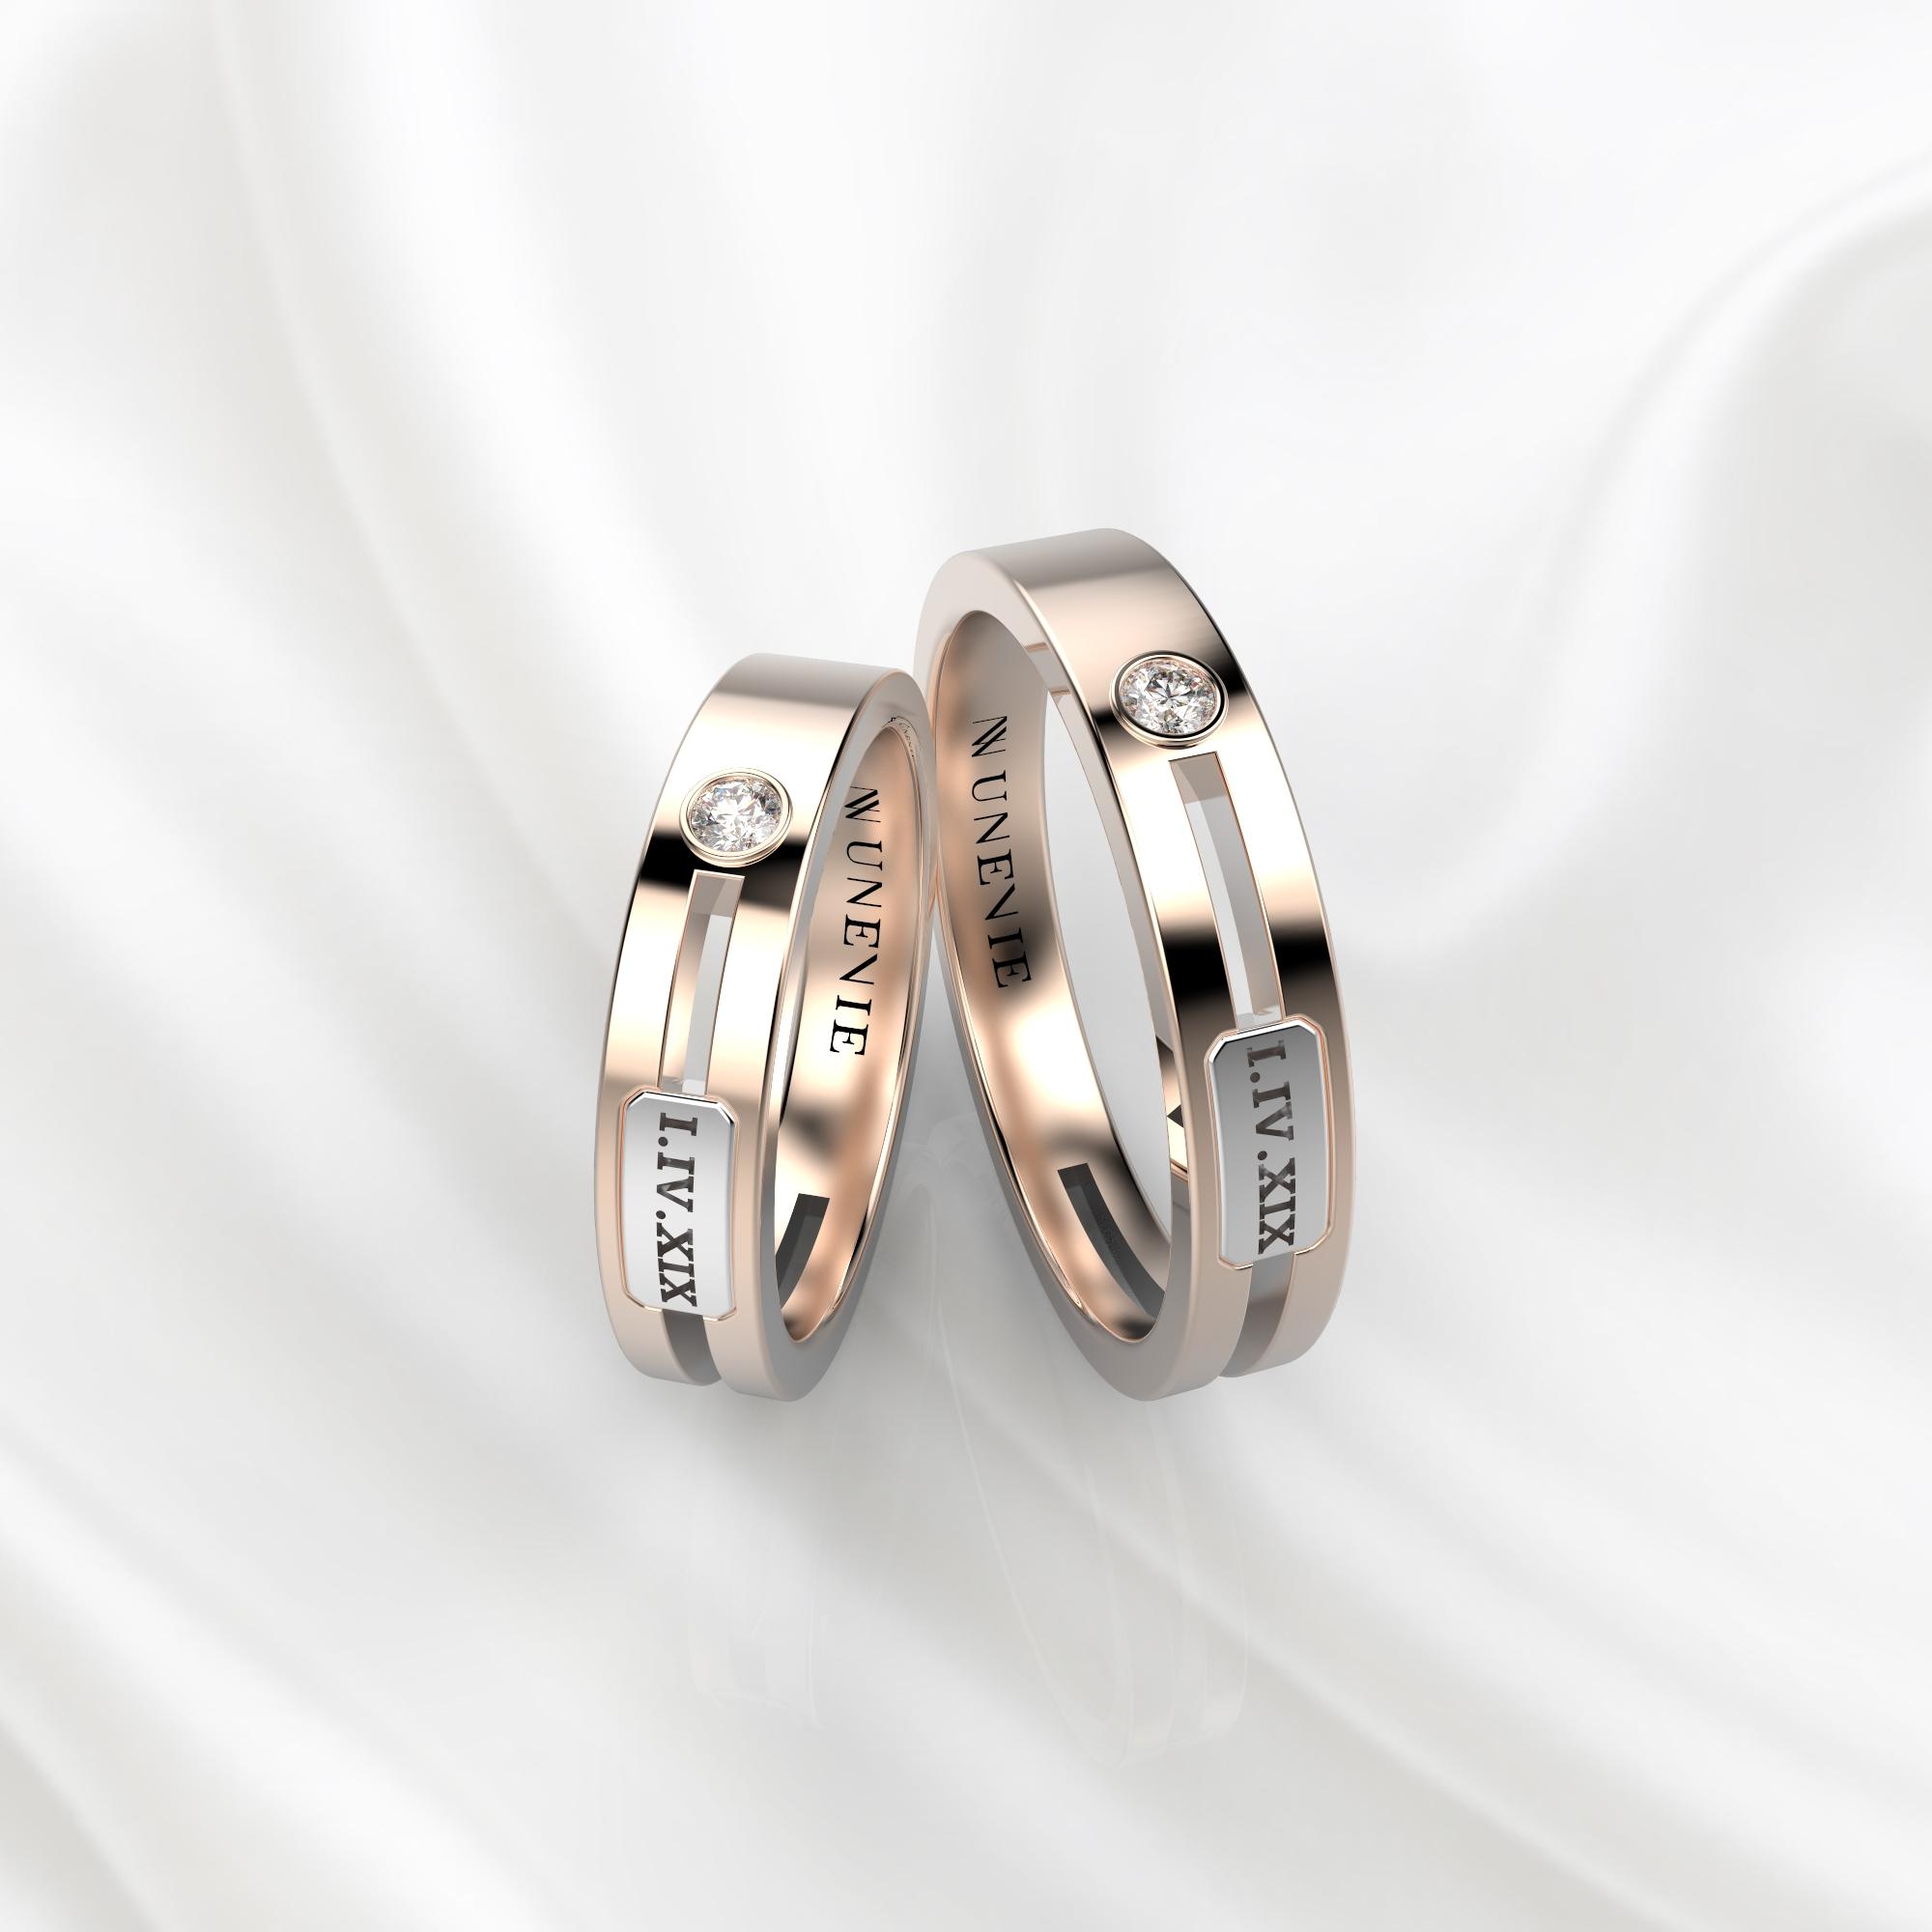 NV55 Парные обручальные кольца из розово-белого золота с бриллиантами